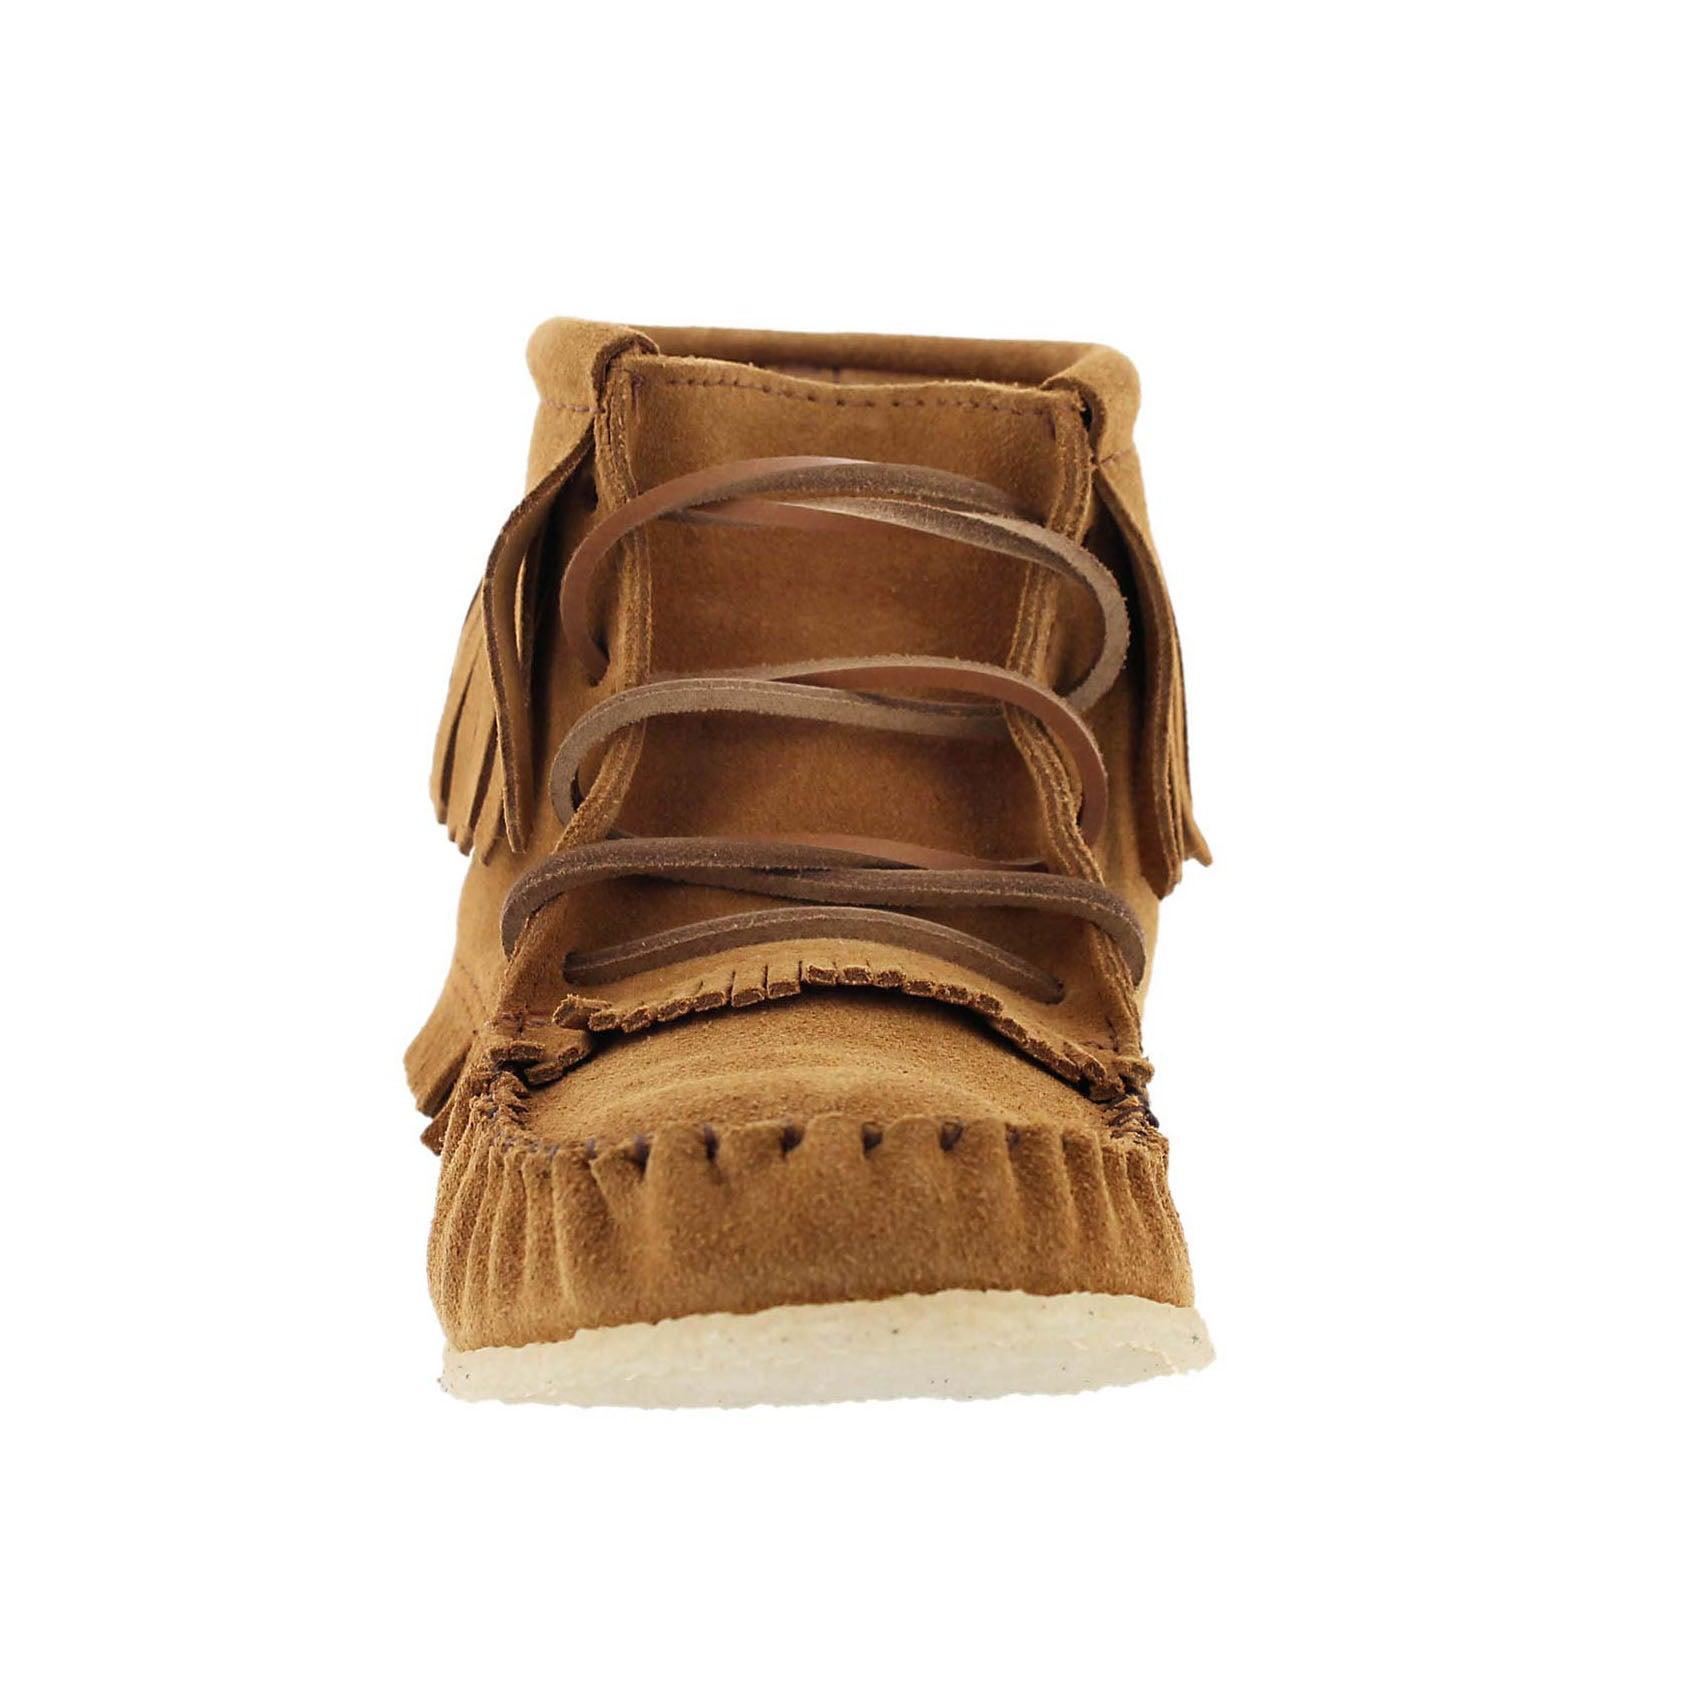 Lds tan fringe bootie moc w/memory foam